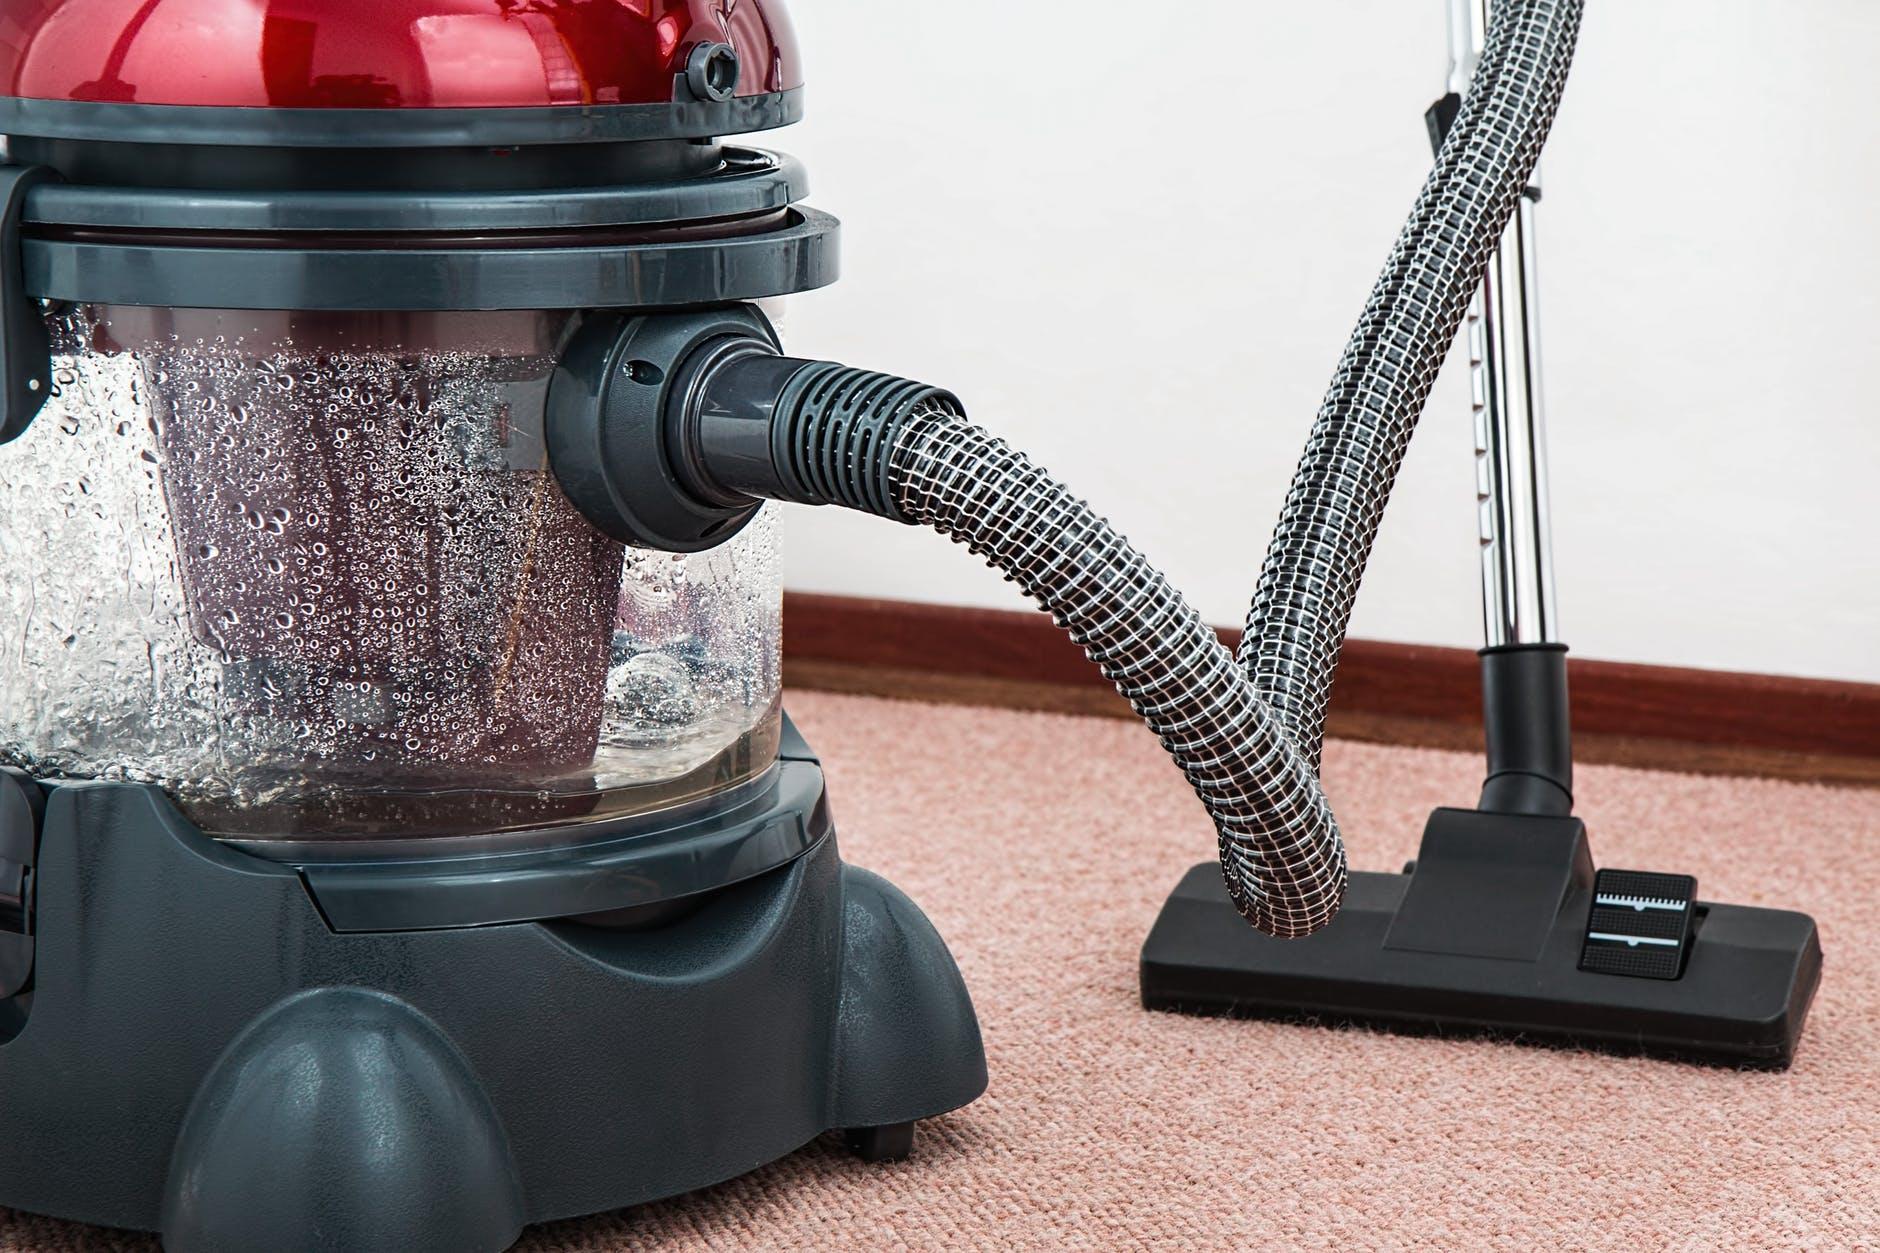 Intip Trik Cuci Karpet Mobil hingga Karpet Bulu Berikut